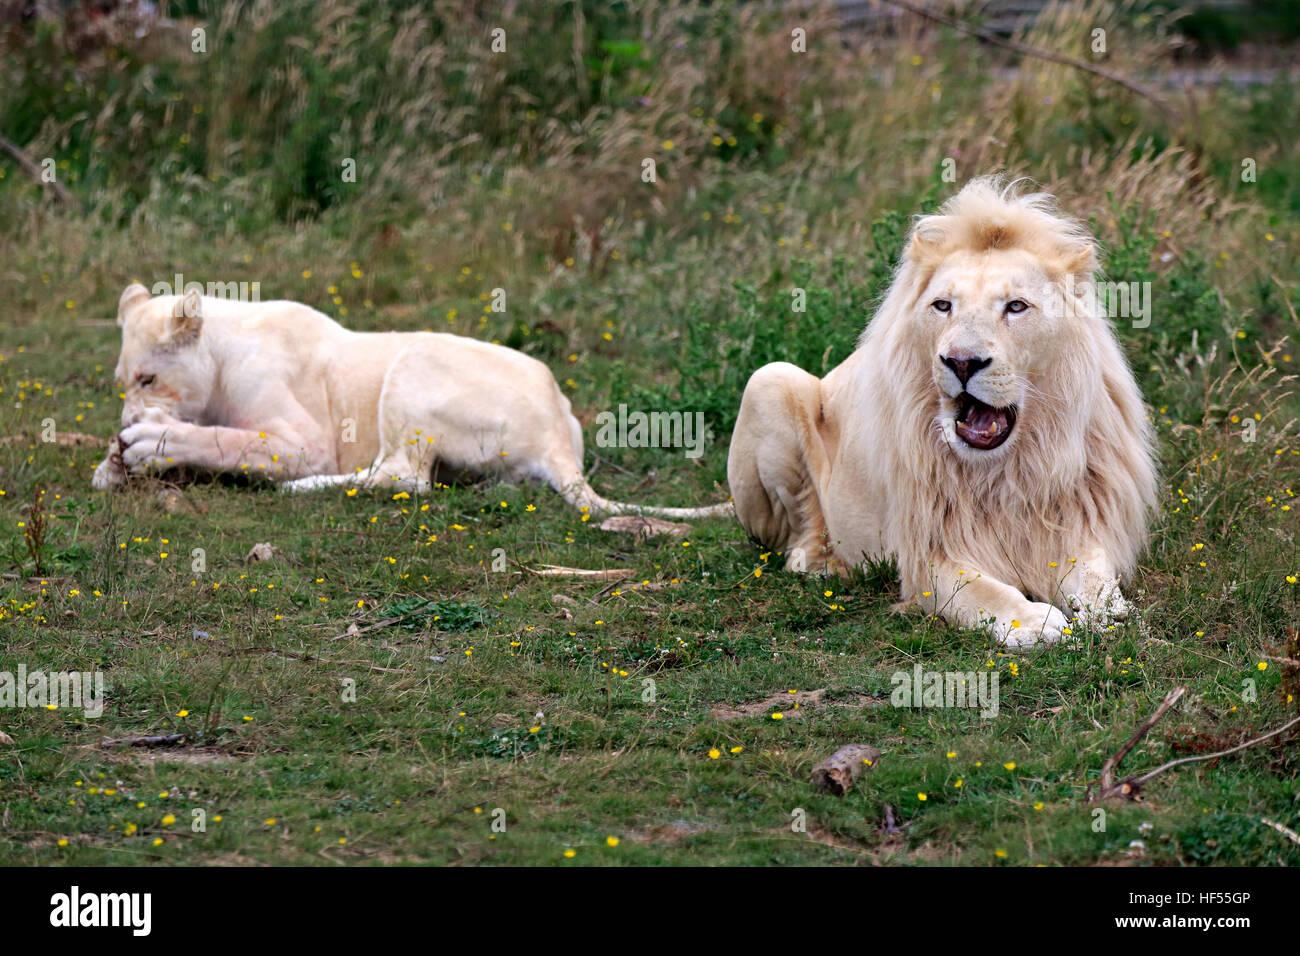 Lion, White Form, (Panthera leo), adult couple, female feeding, Africa Stock Photo